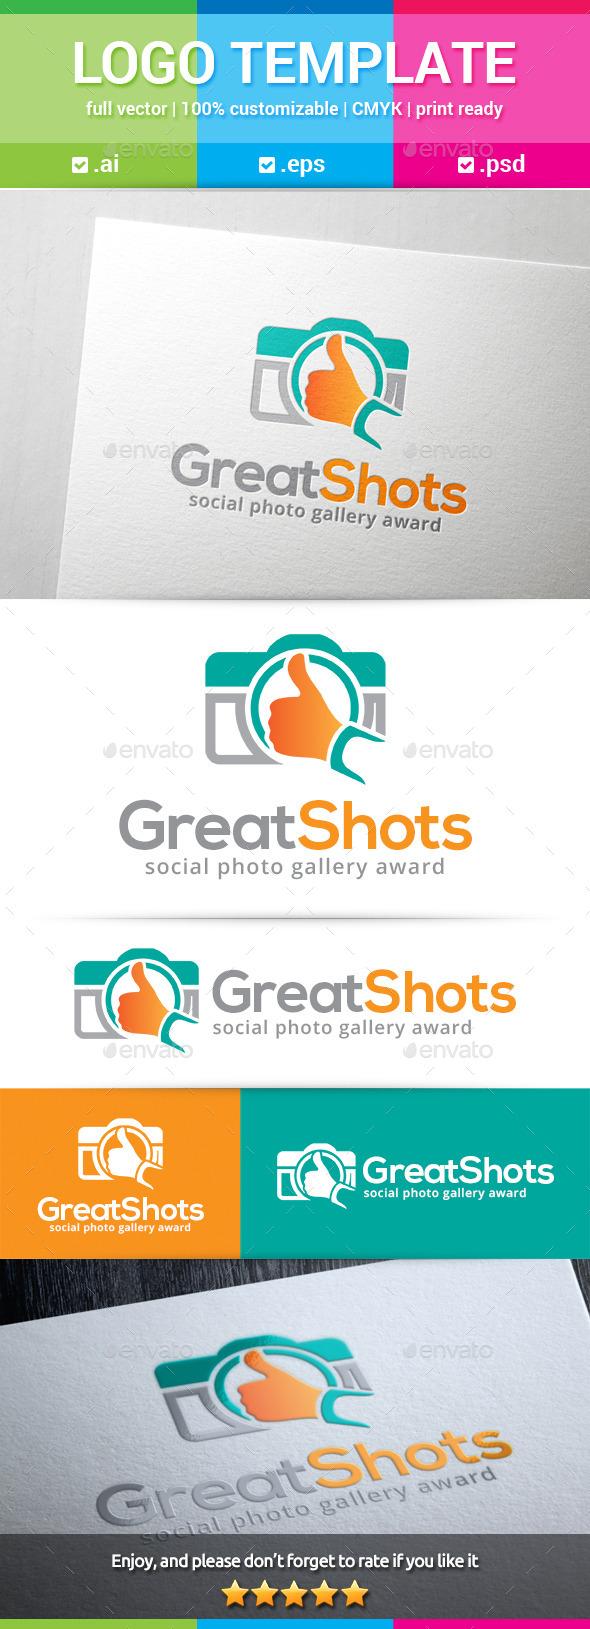 Great Shots Logo